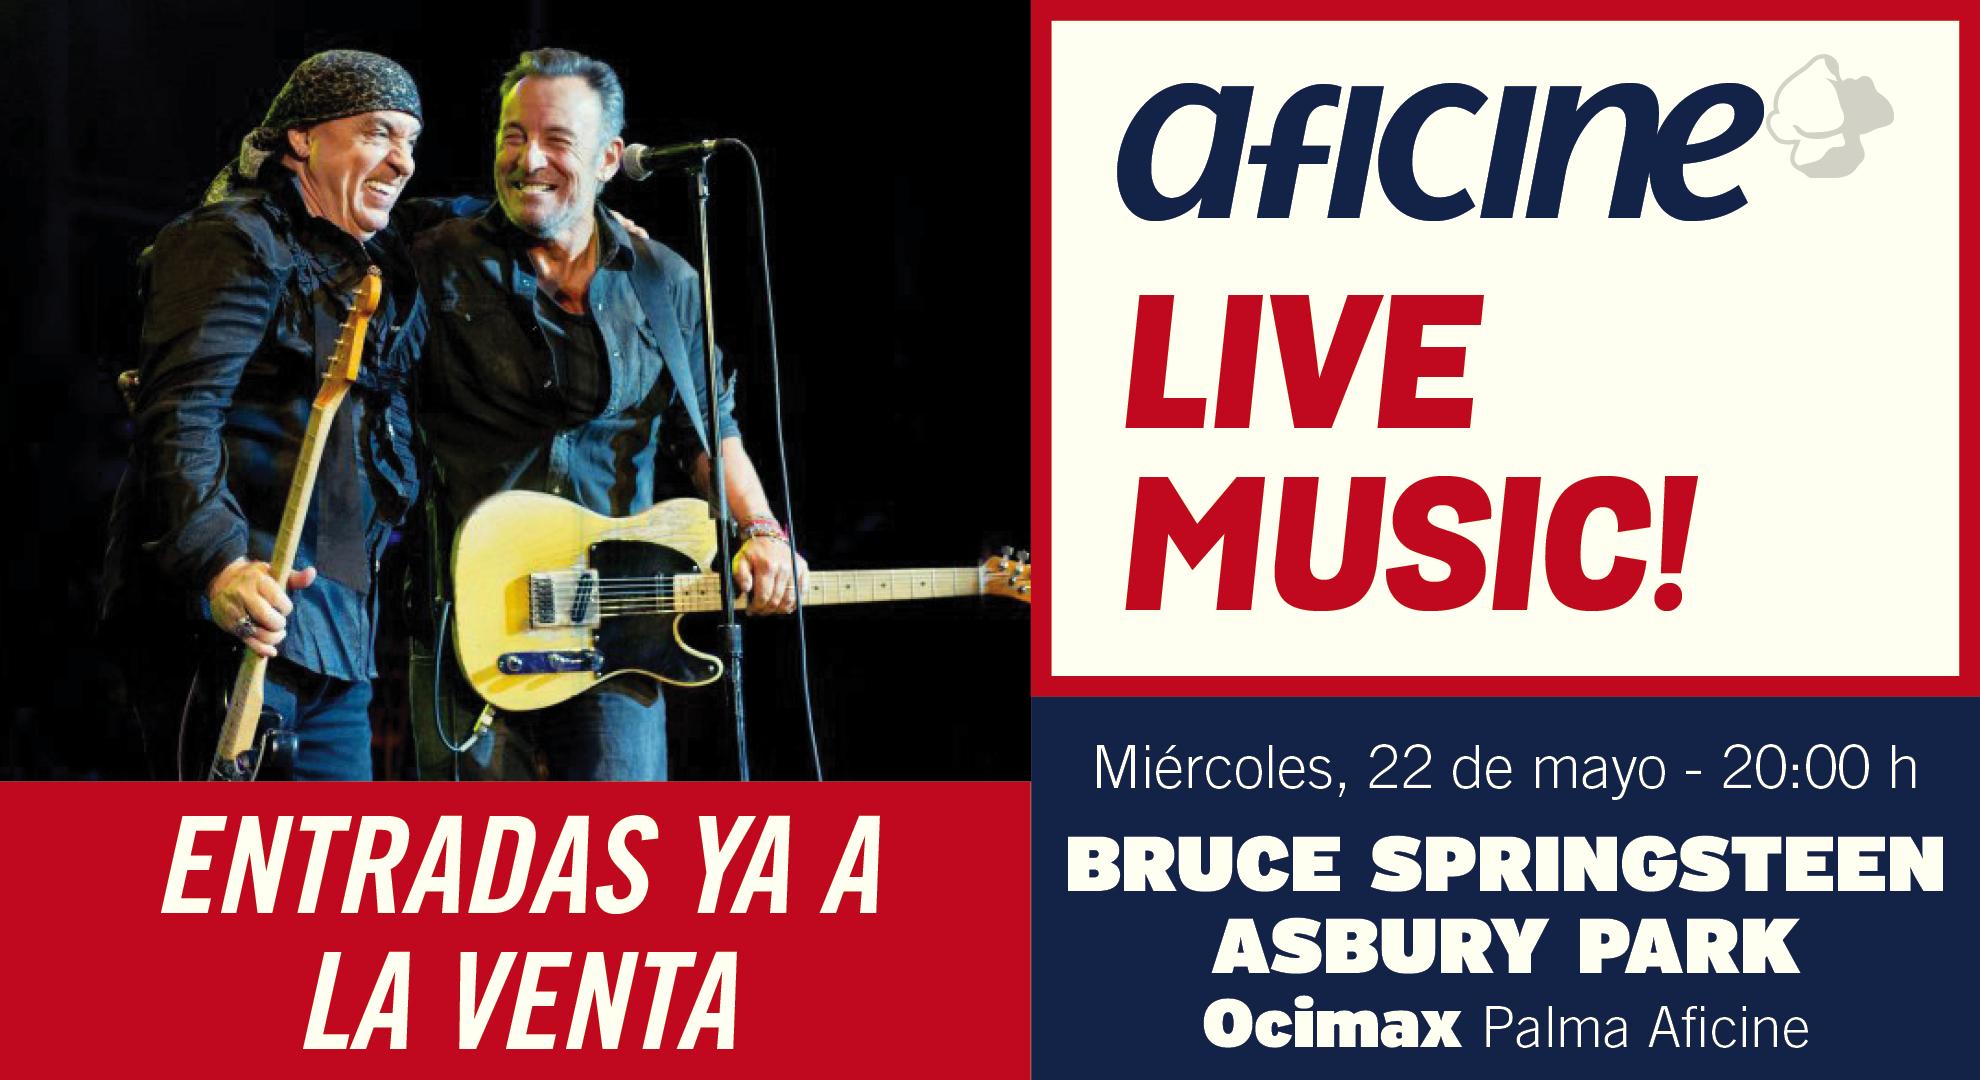 Bruce Springsteen en Asbury park<br>ESTRENO MUNDIAL